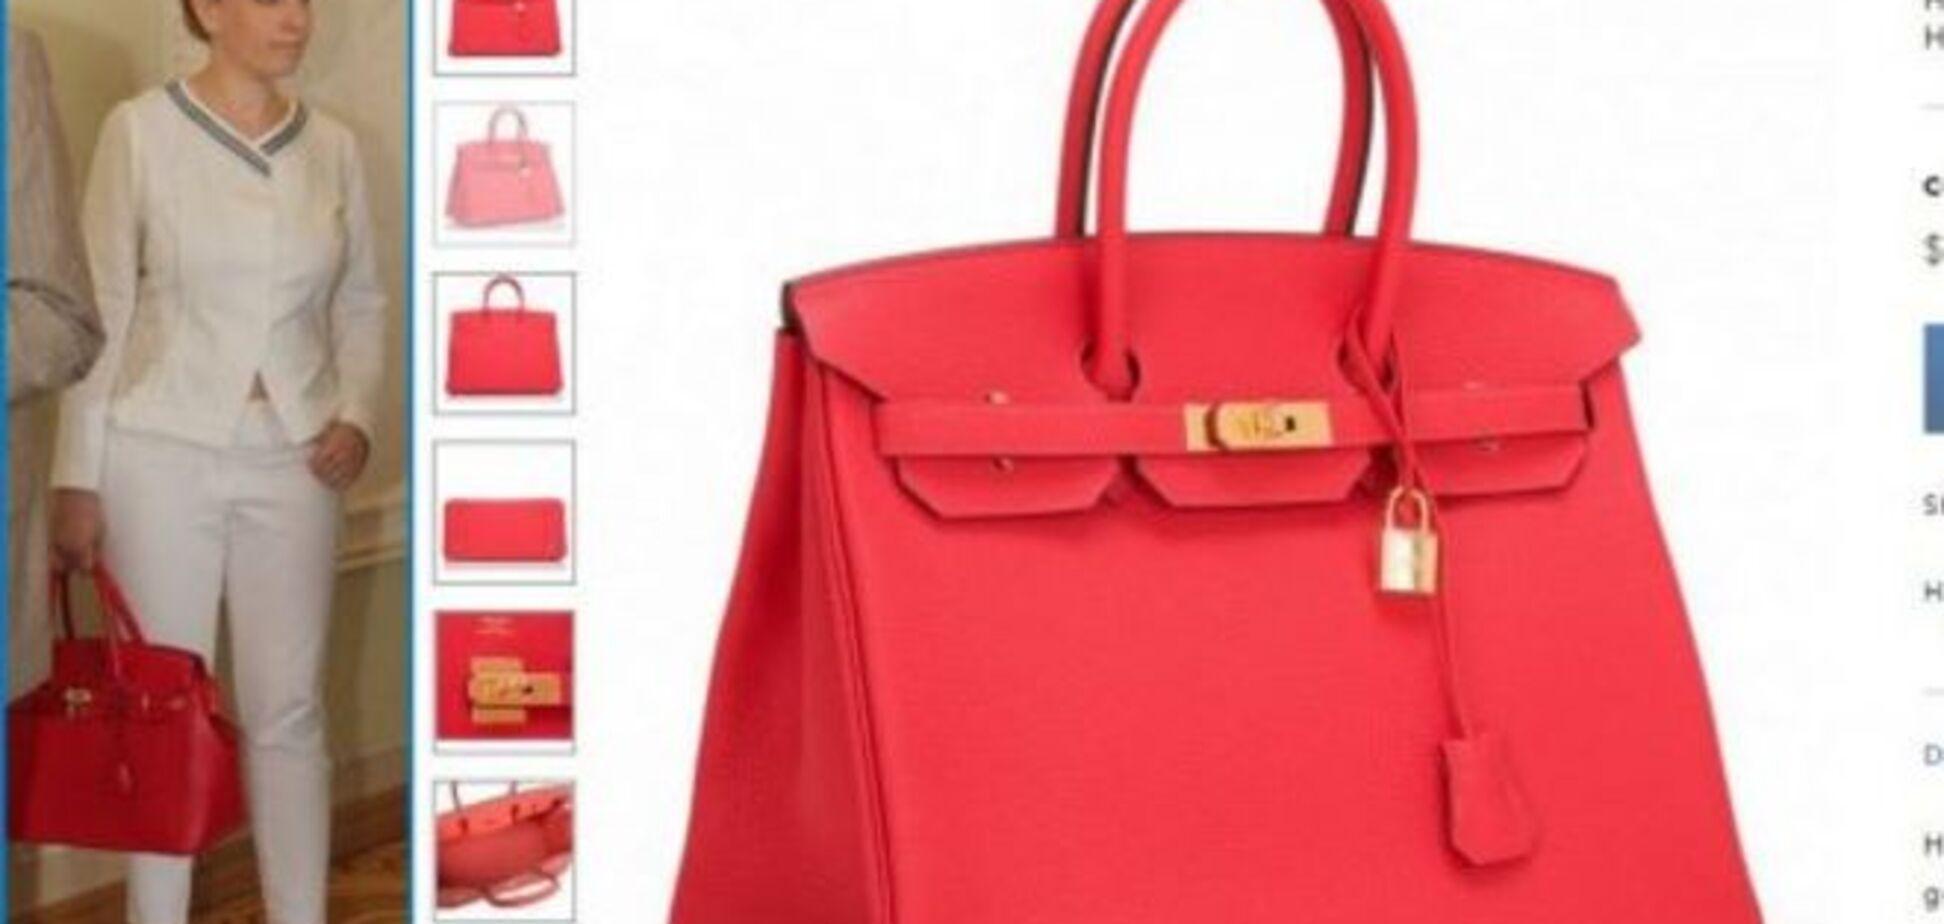 Контрафакт в Раді: як підроблена сумка Продан спровокувала скандал